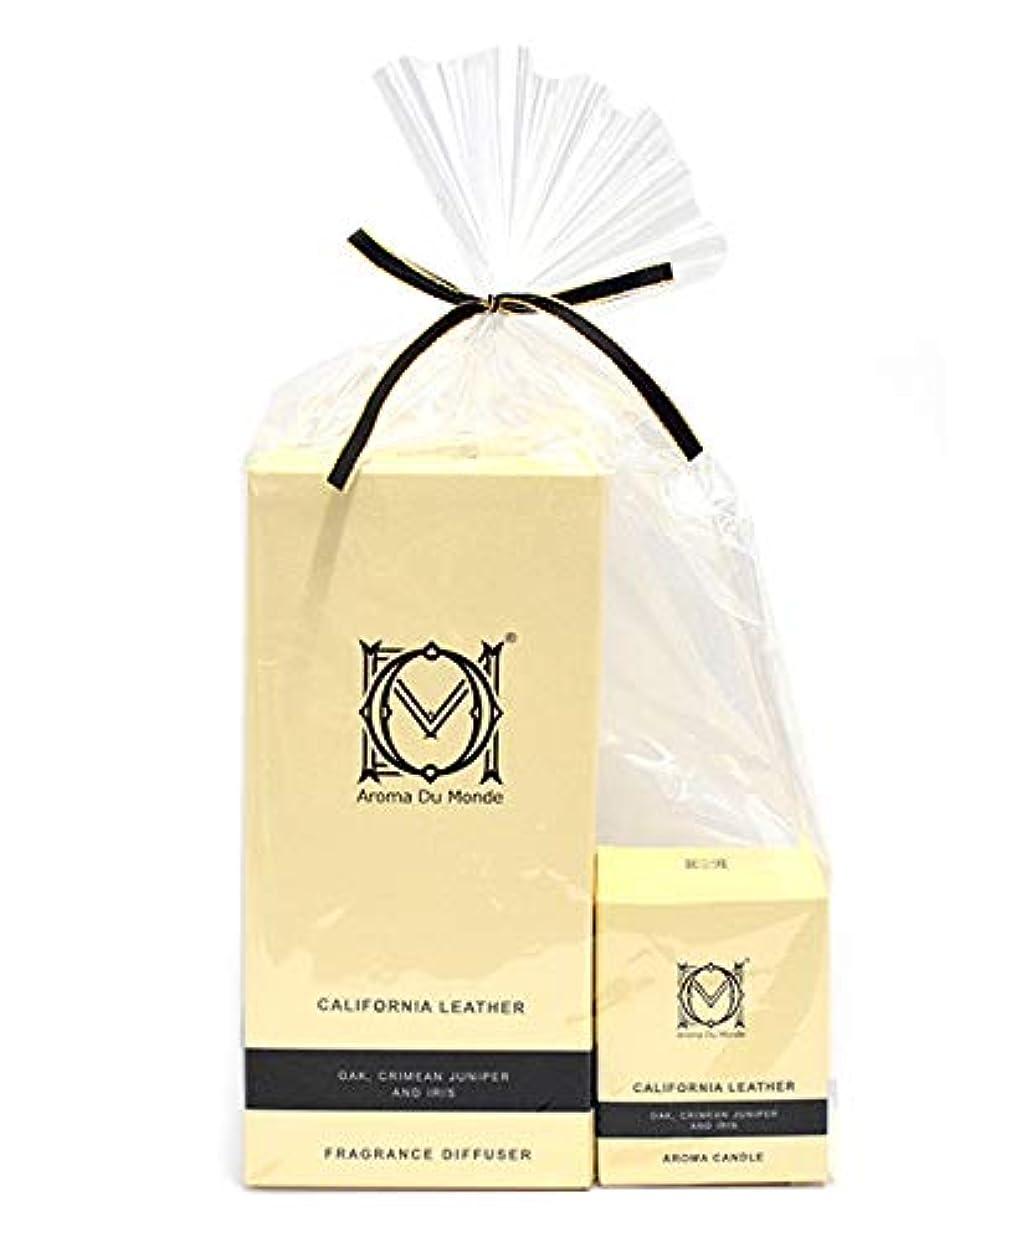 メイド夏賢いフレグランスディフューザー&キャンドル カリフォルニアレザー セット Aroma Du Monde/ADM Fragrance Diffuser & Candle California Leather Set 81159